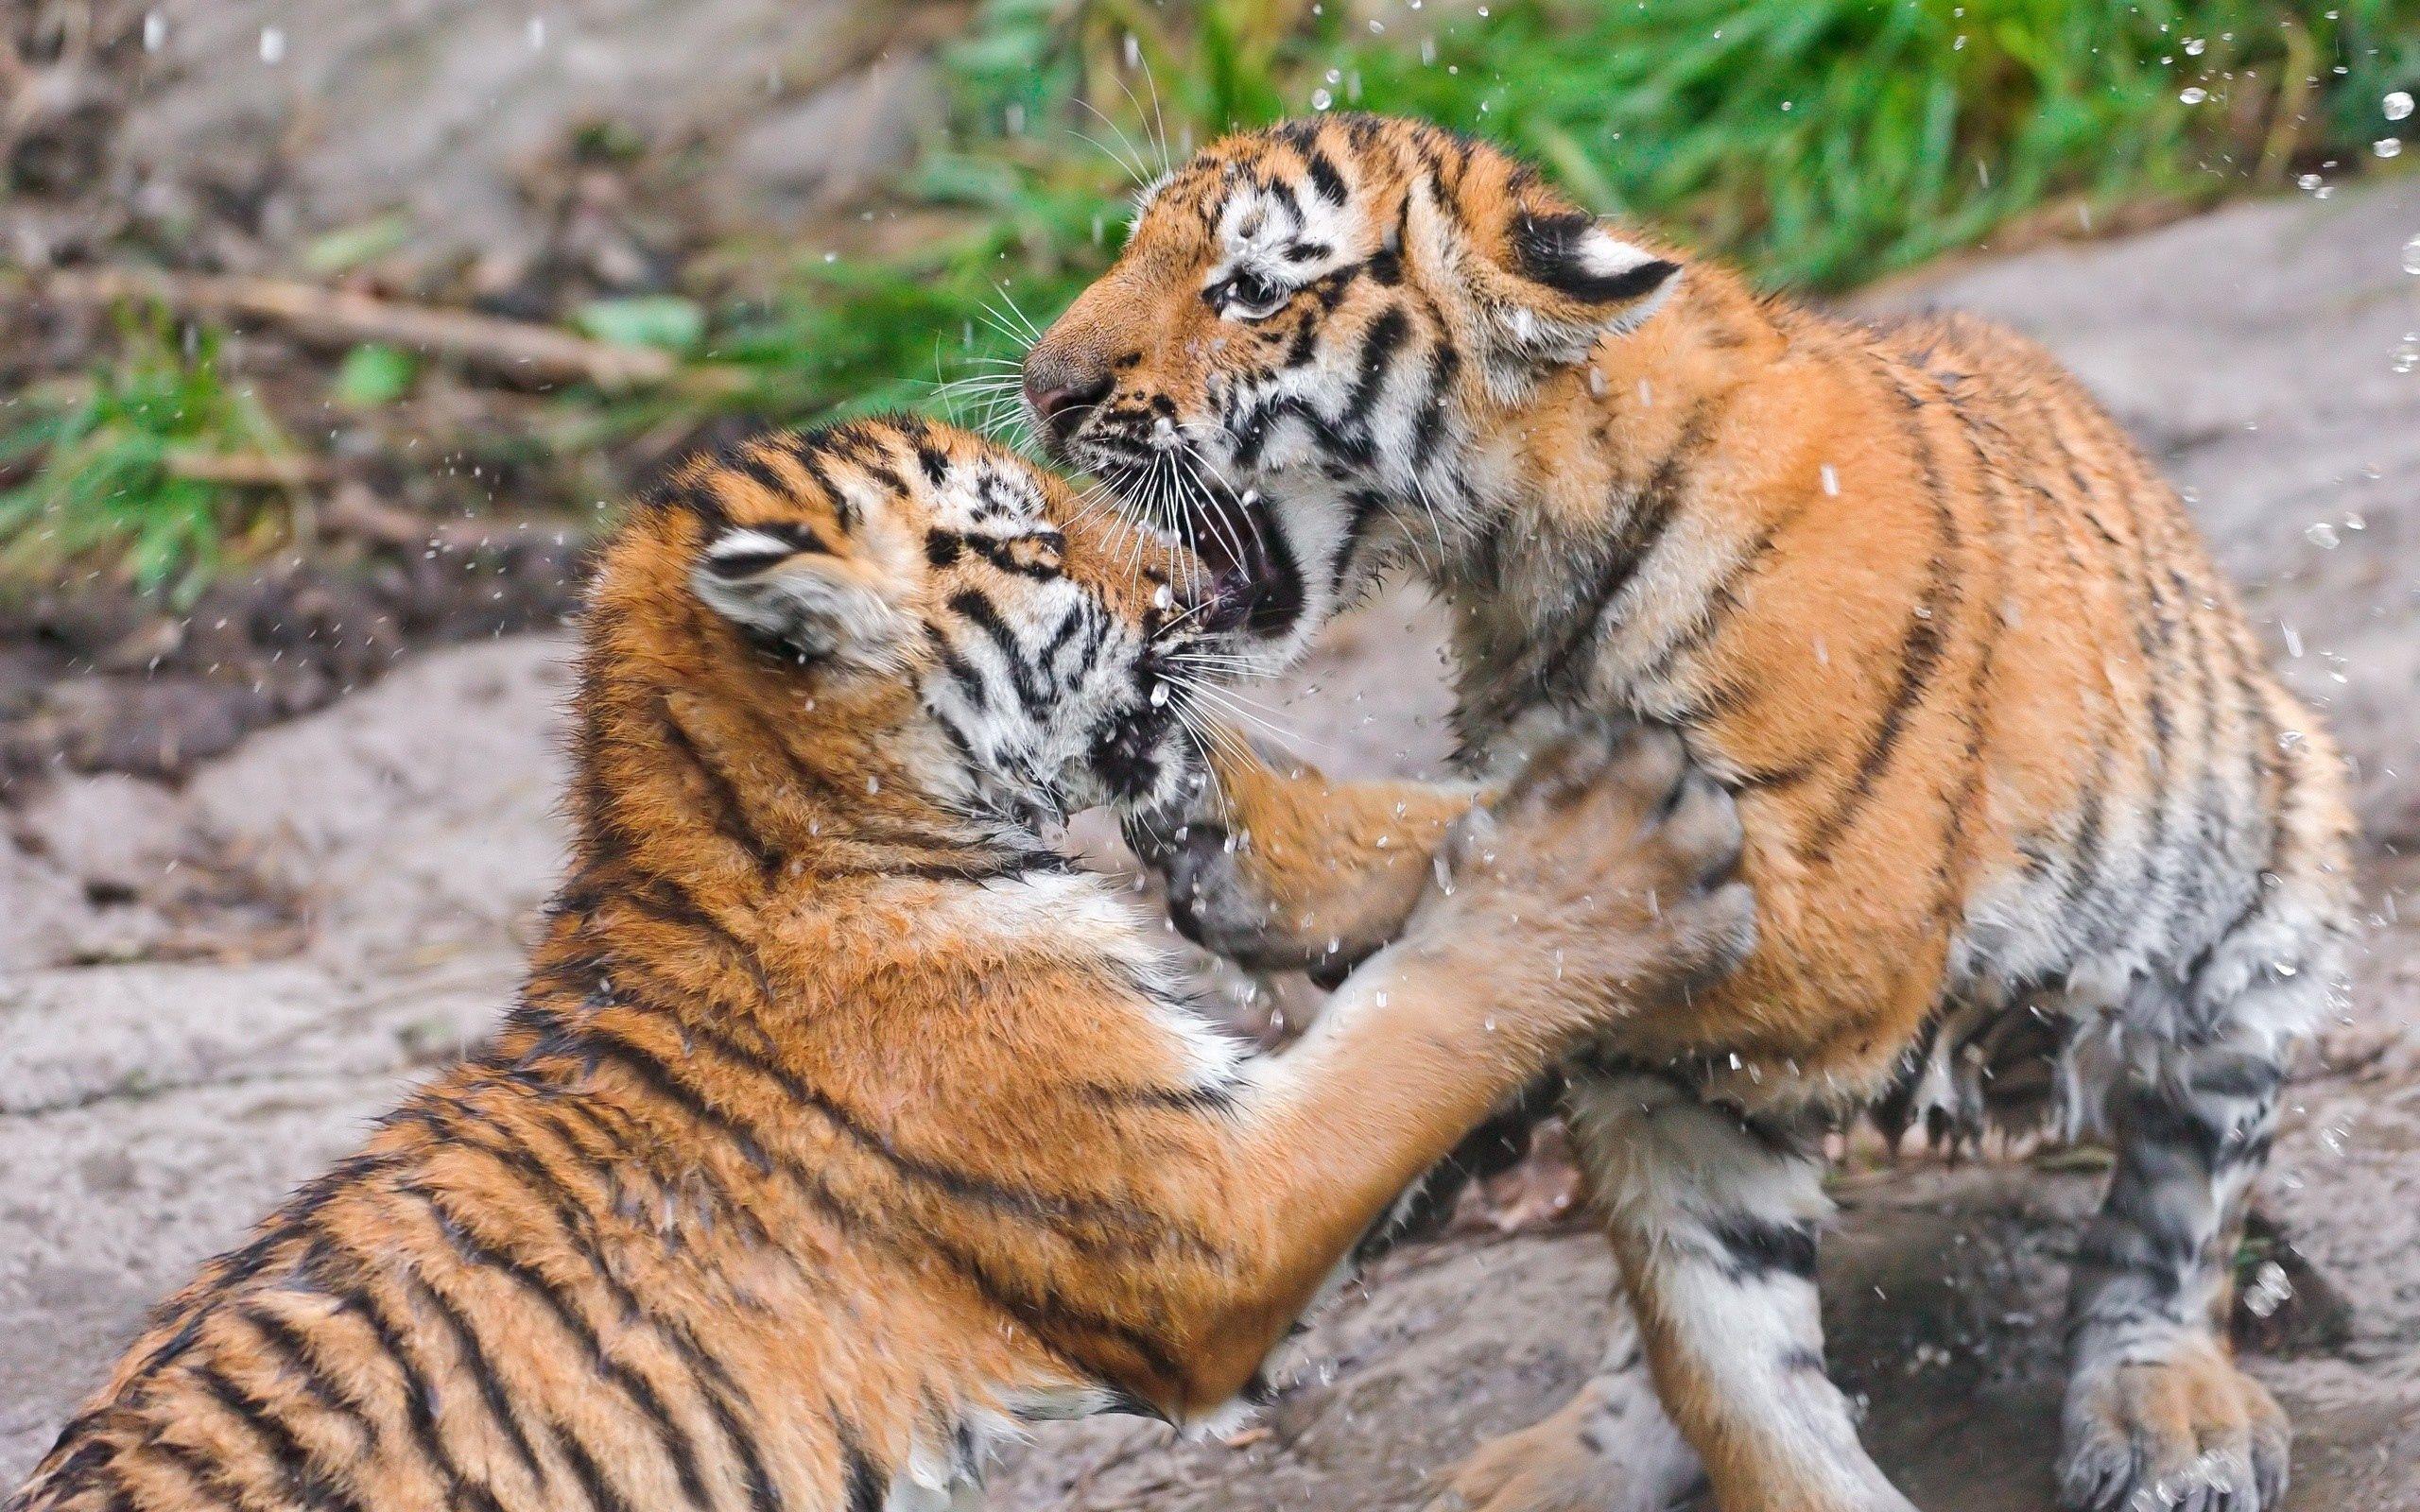 137390壁紙のダウンロード動物, カップル, 双, 戦い, 戦う, 阪神タイガース-スクリーンセーバーと写真を無料で